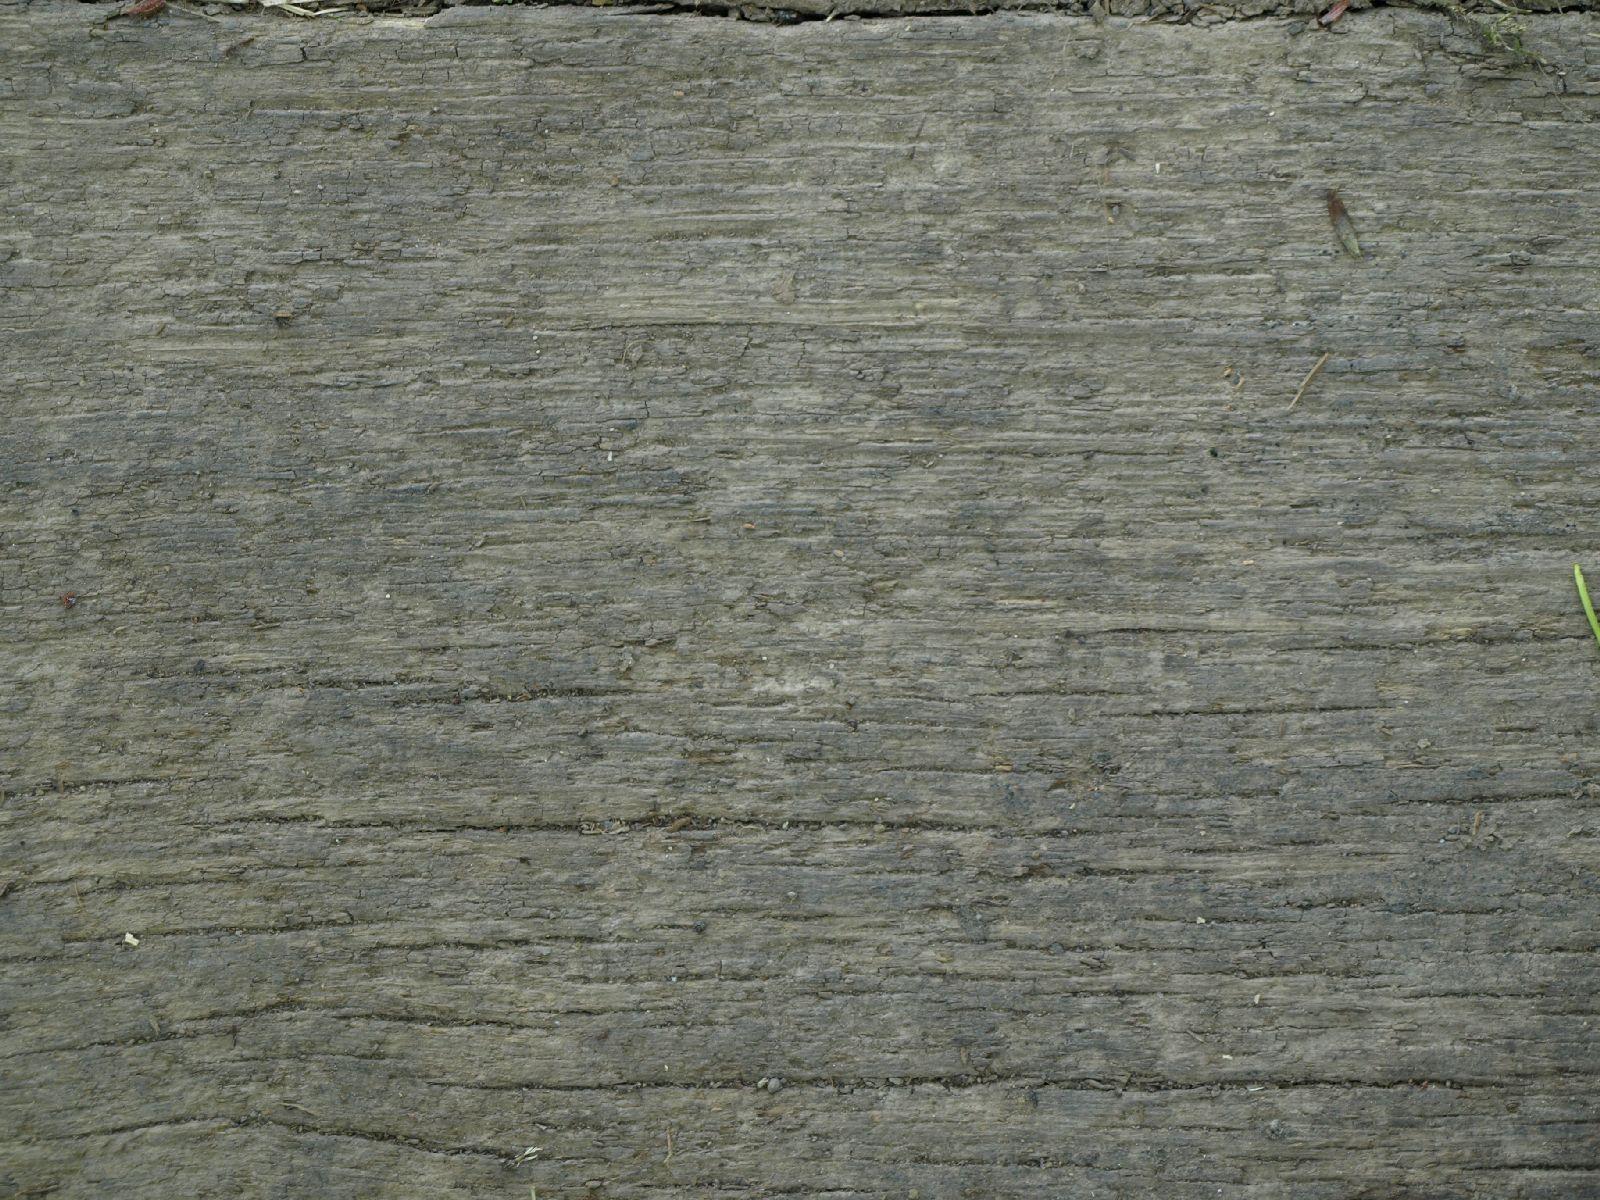 Holz_Textur_A_P5112638